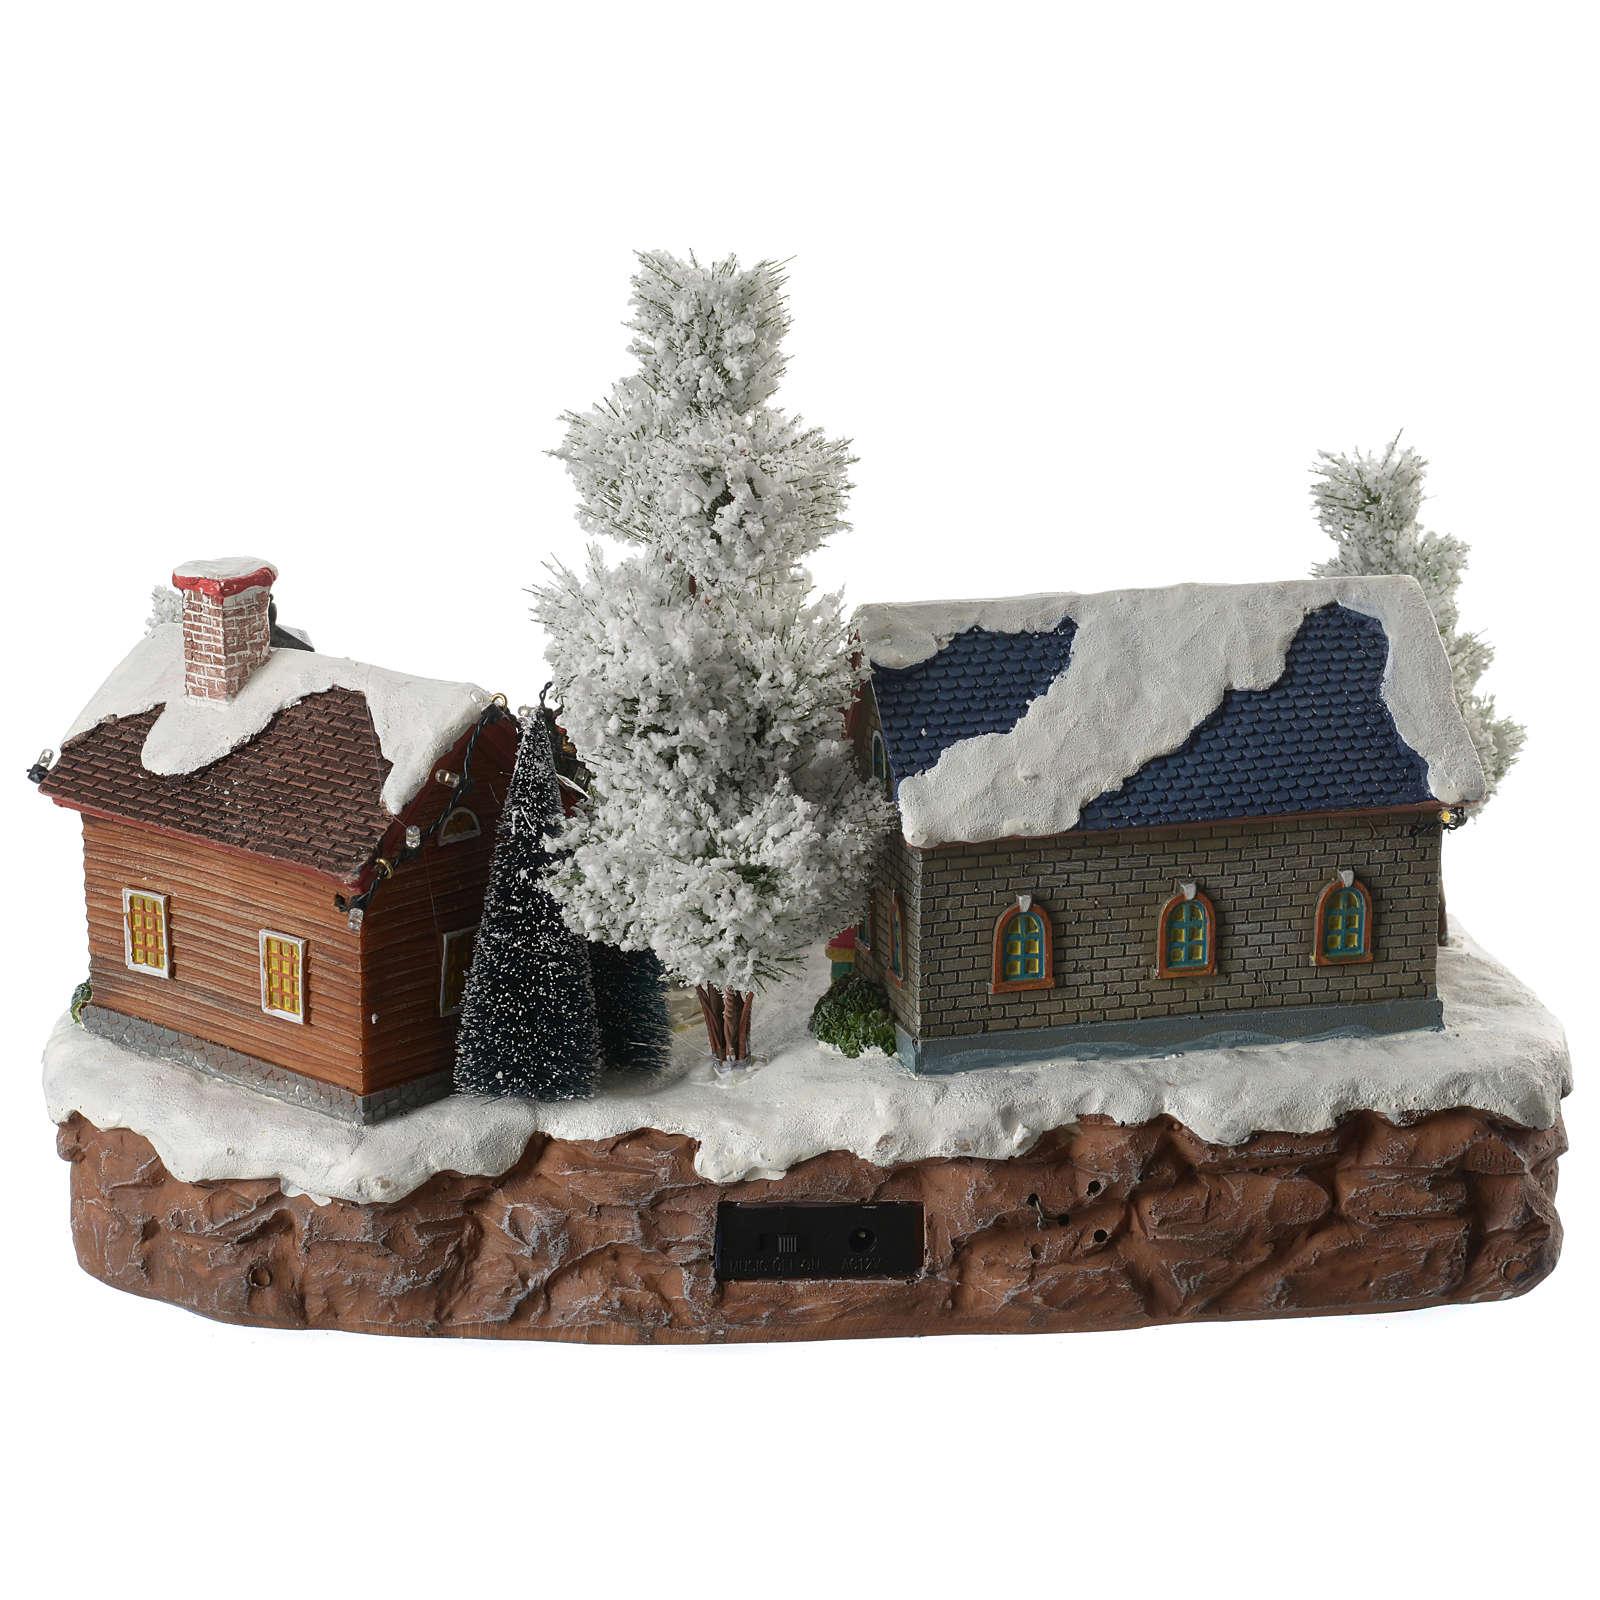 Villaggio invernale musicale giochi 35x25x25 cm 3